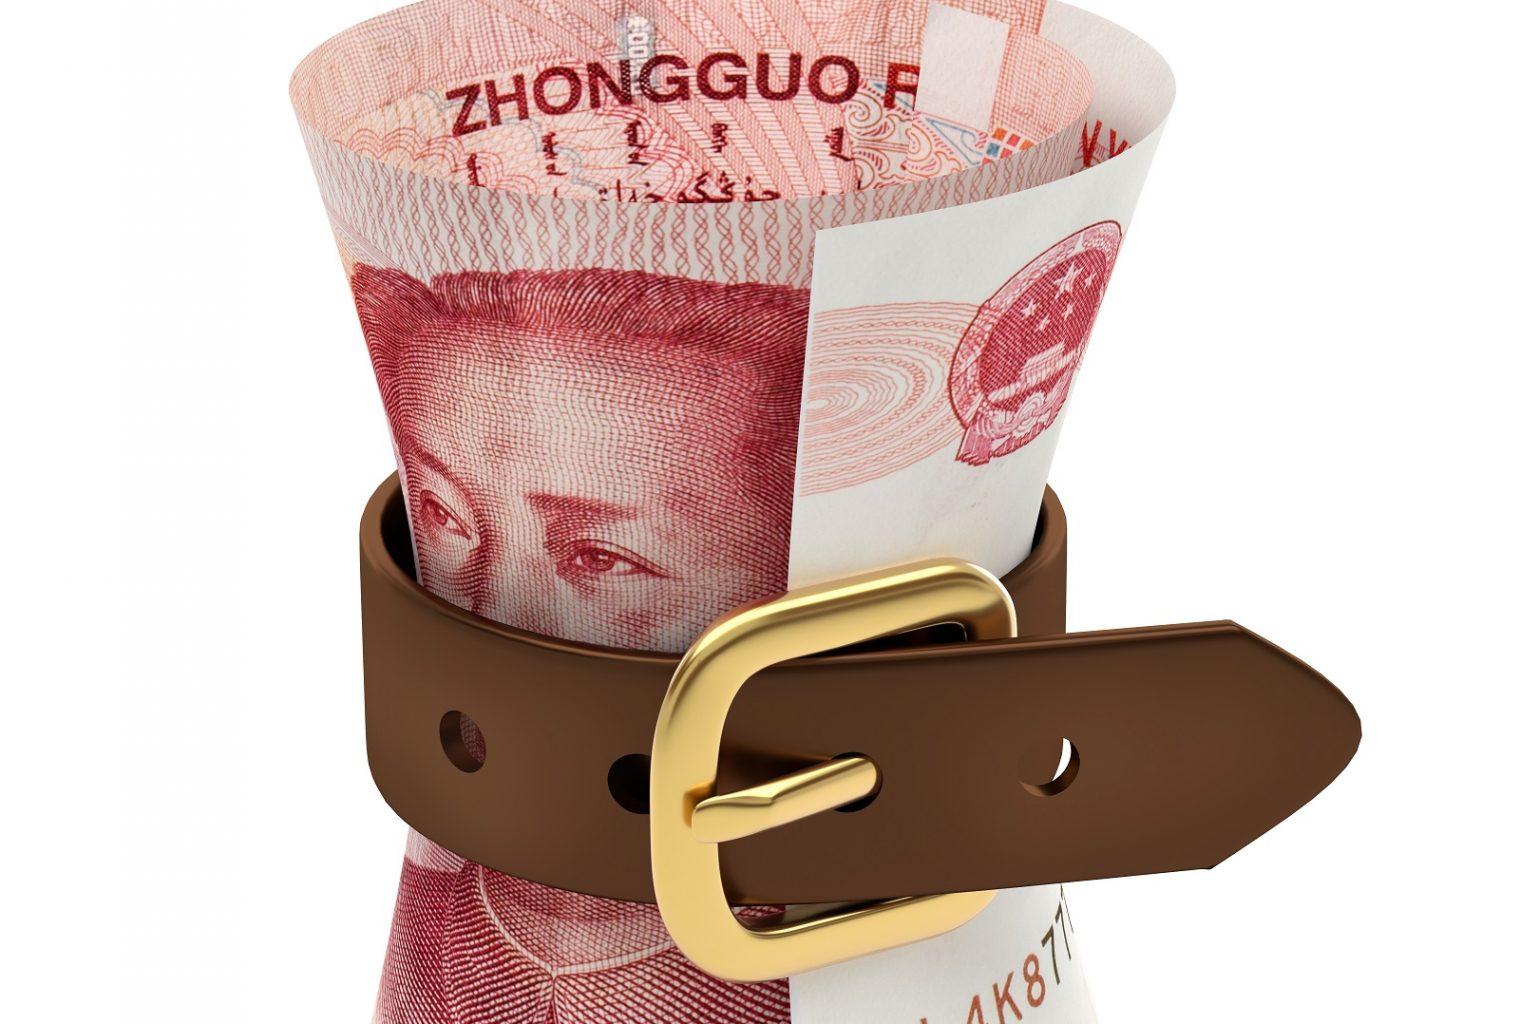 La tendencia mundial contra el efectivo se intensifica a medida que China se une al apretón